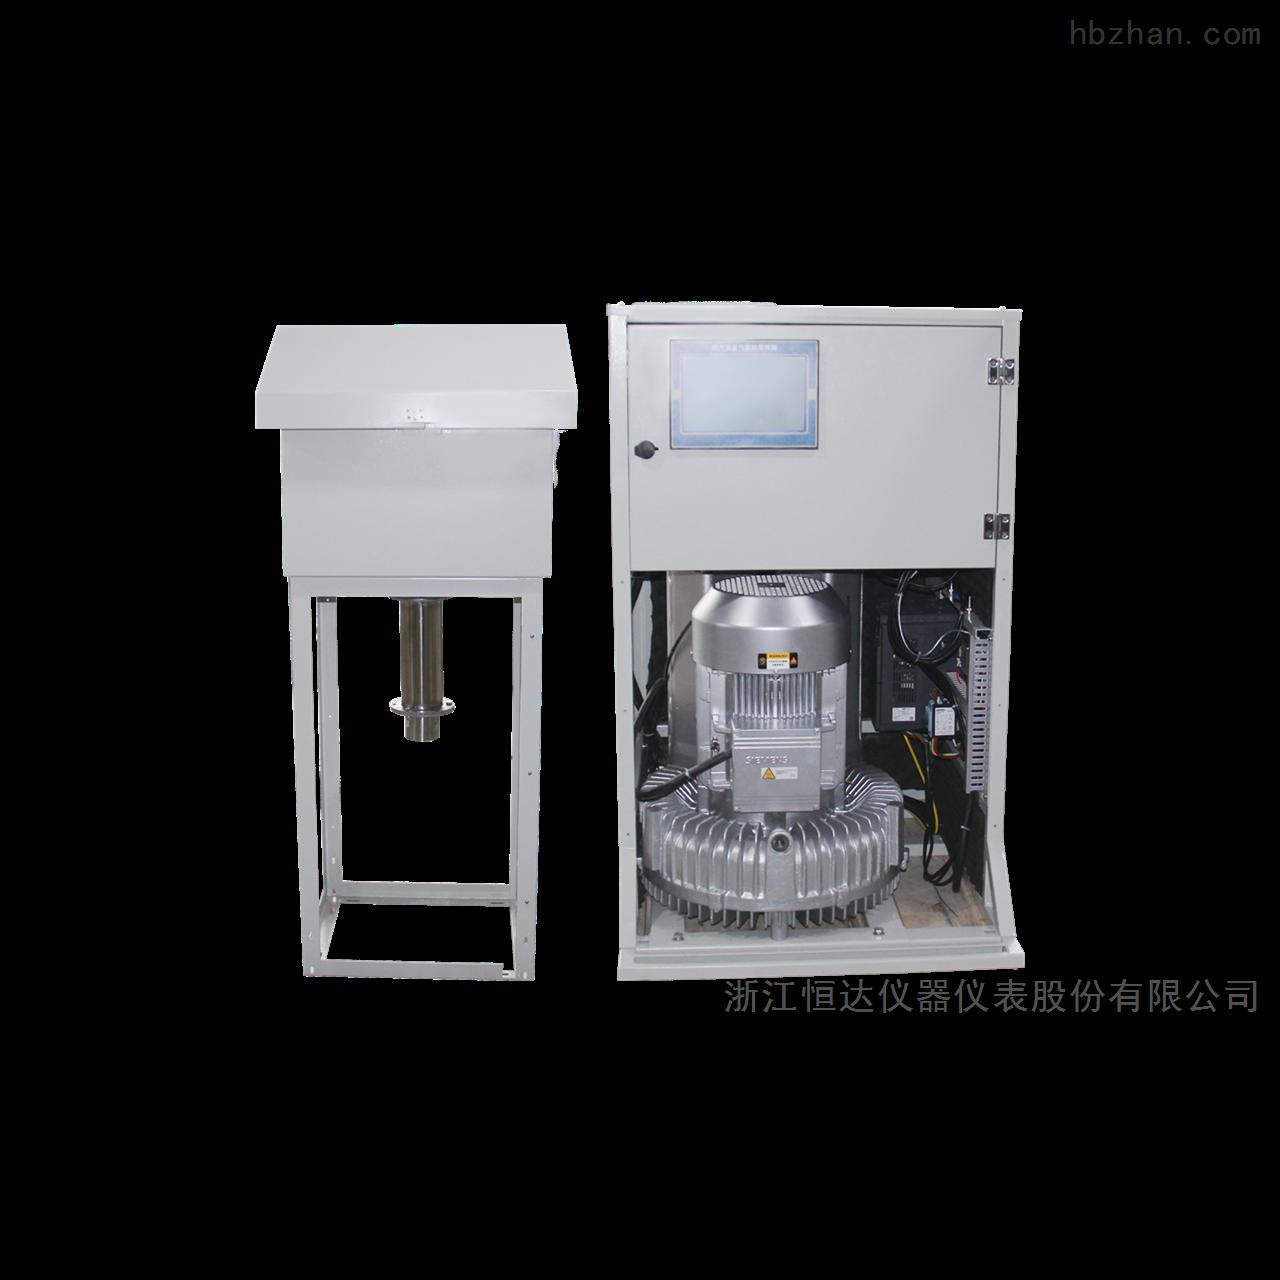 超大流量气溶胶采样器(室内分体)